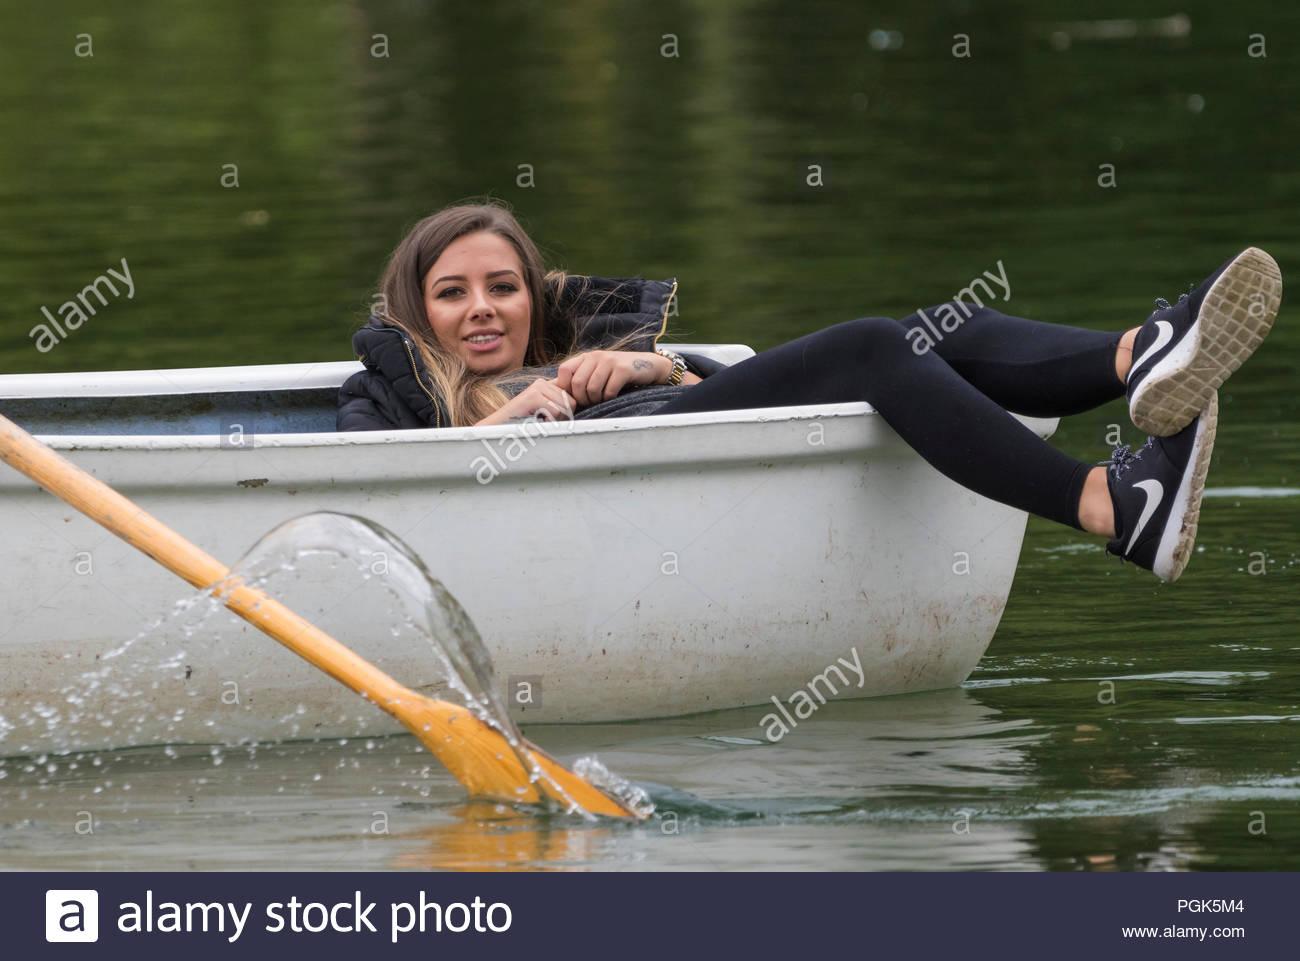 Una giovane donna posa retro rilassante in una barca a remi in un lago in barca nel lago Swanbourne, Arundel, West Sussex, in Inghilterra, Regno Unito. Immagini Stock